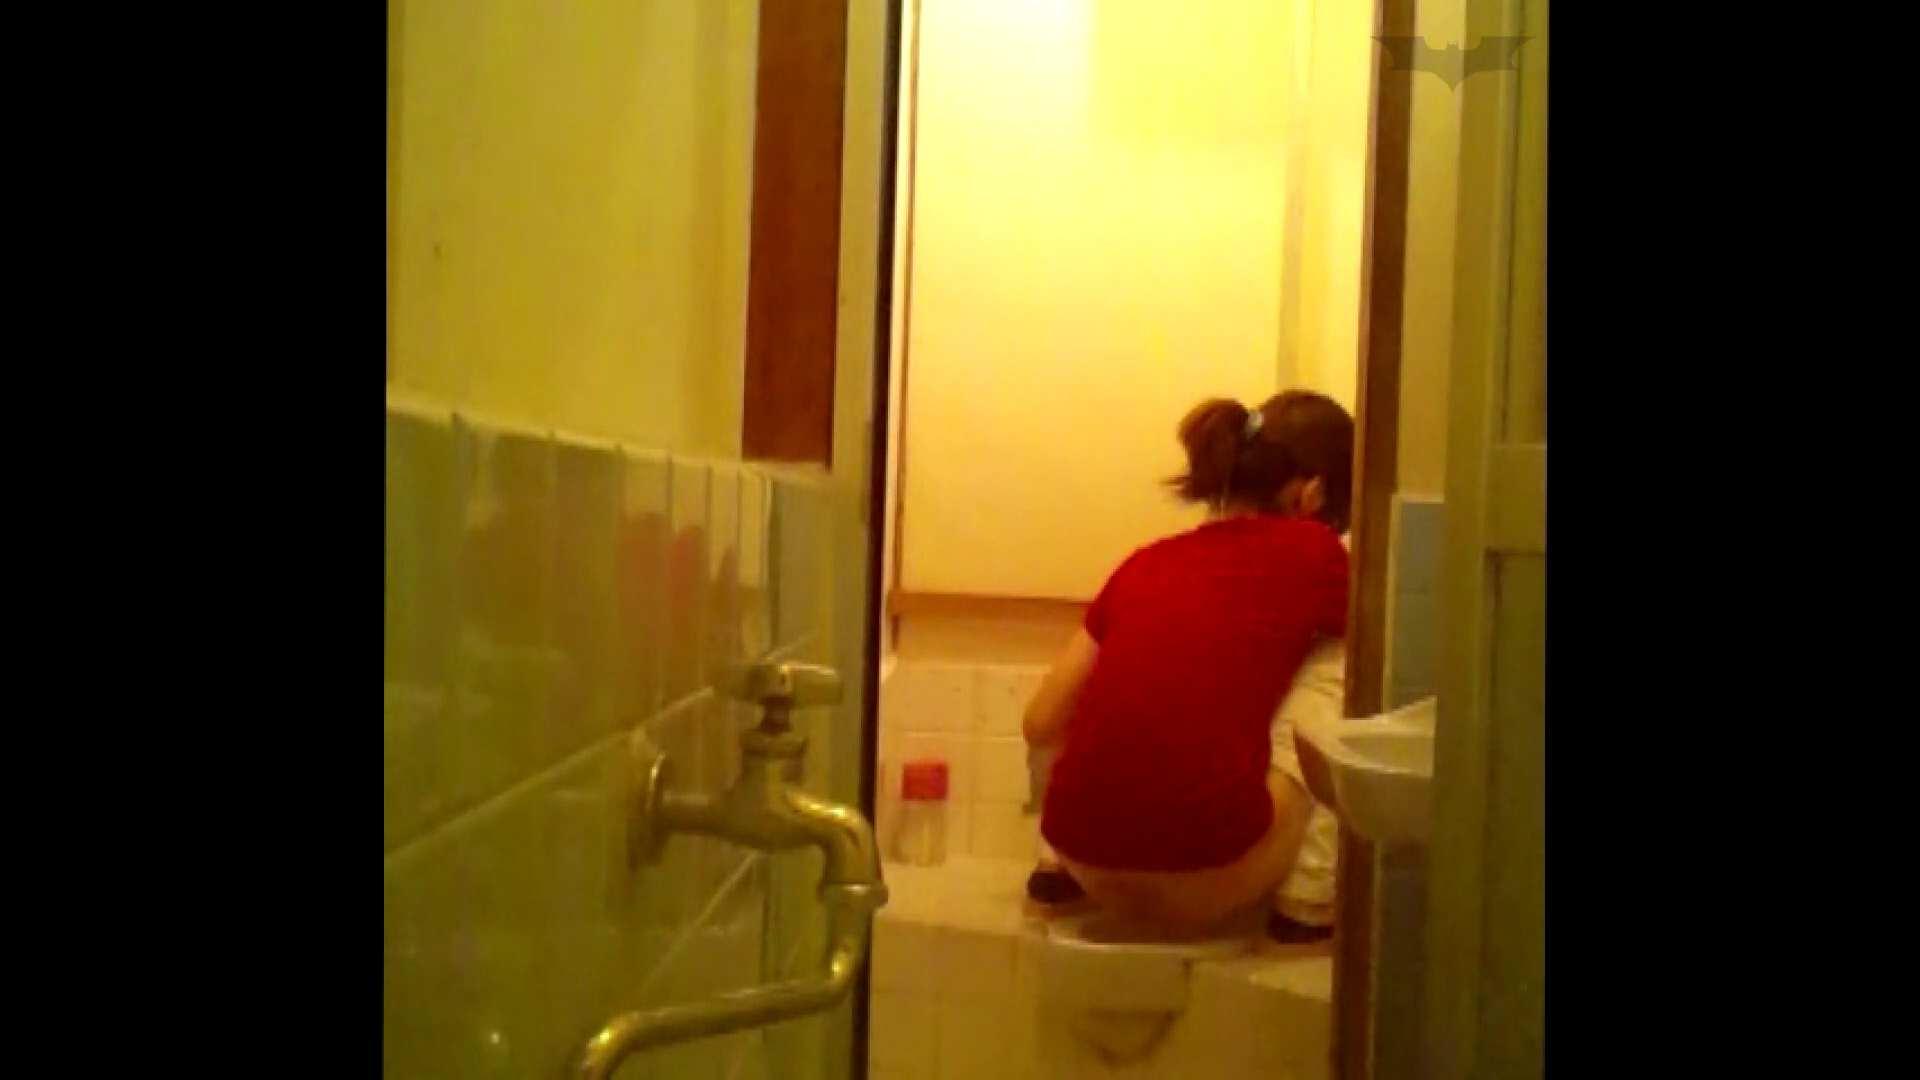 ▲2017_26位▲ うんこをたくさん集めました。トイレの神様 Vol.12 トイレ  93pic 16